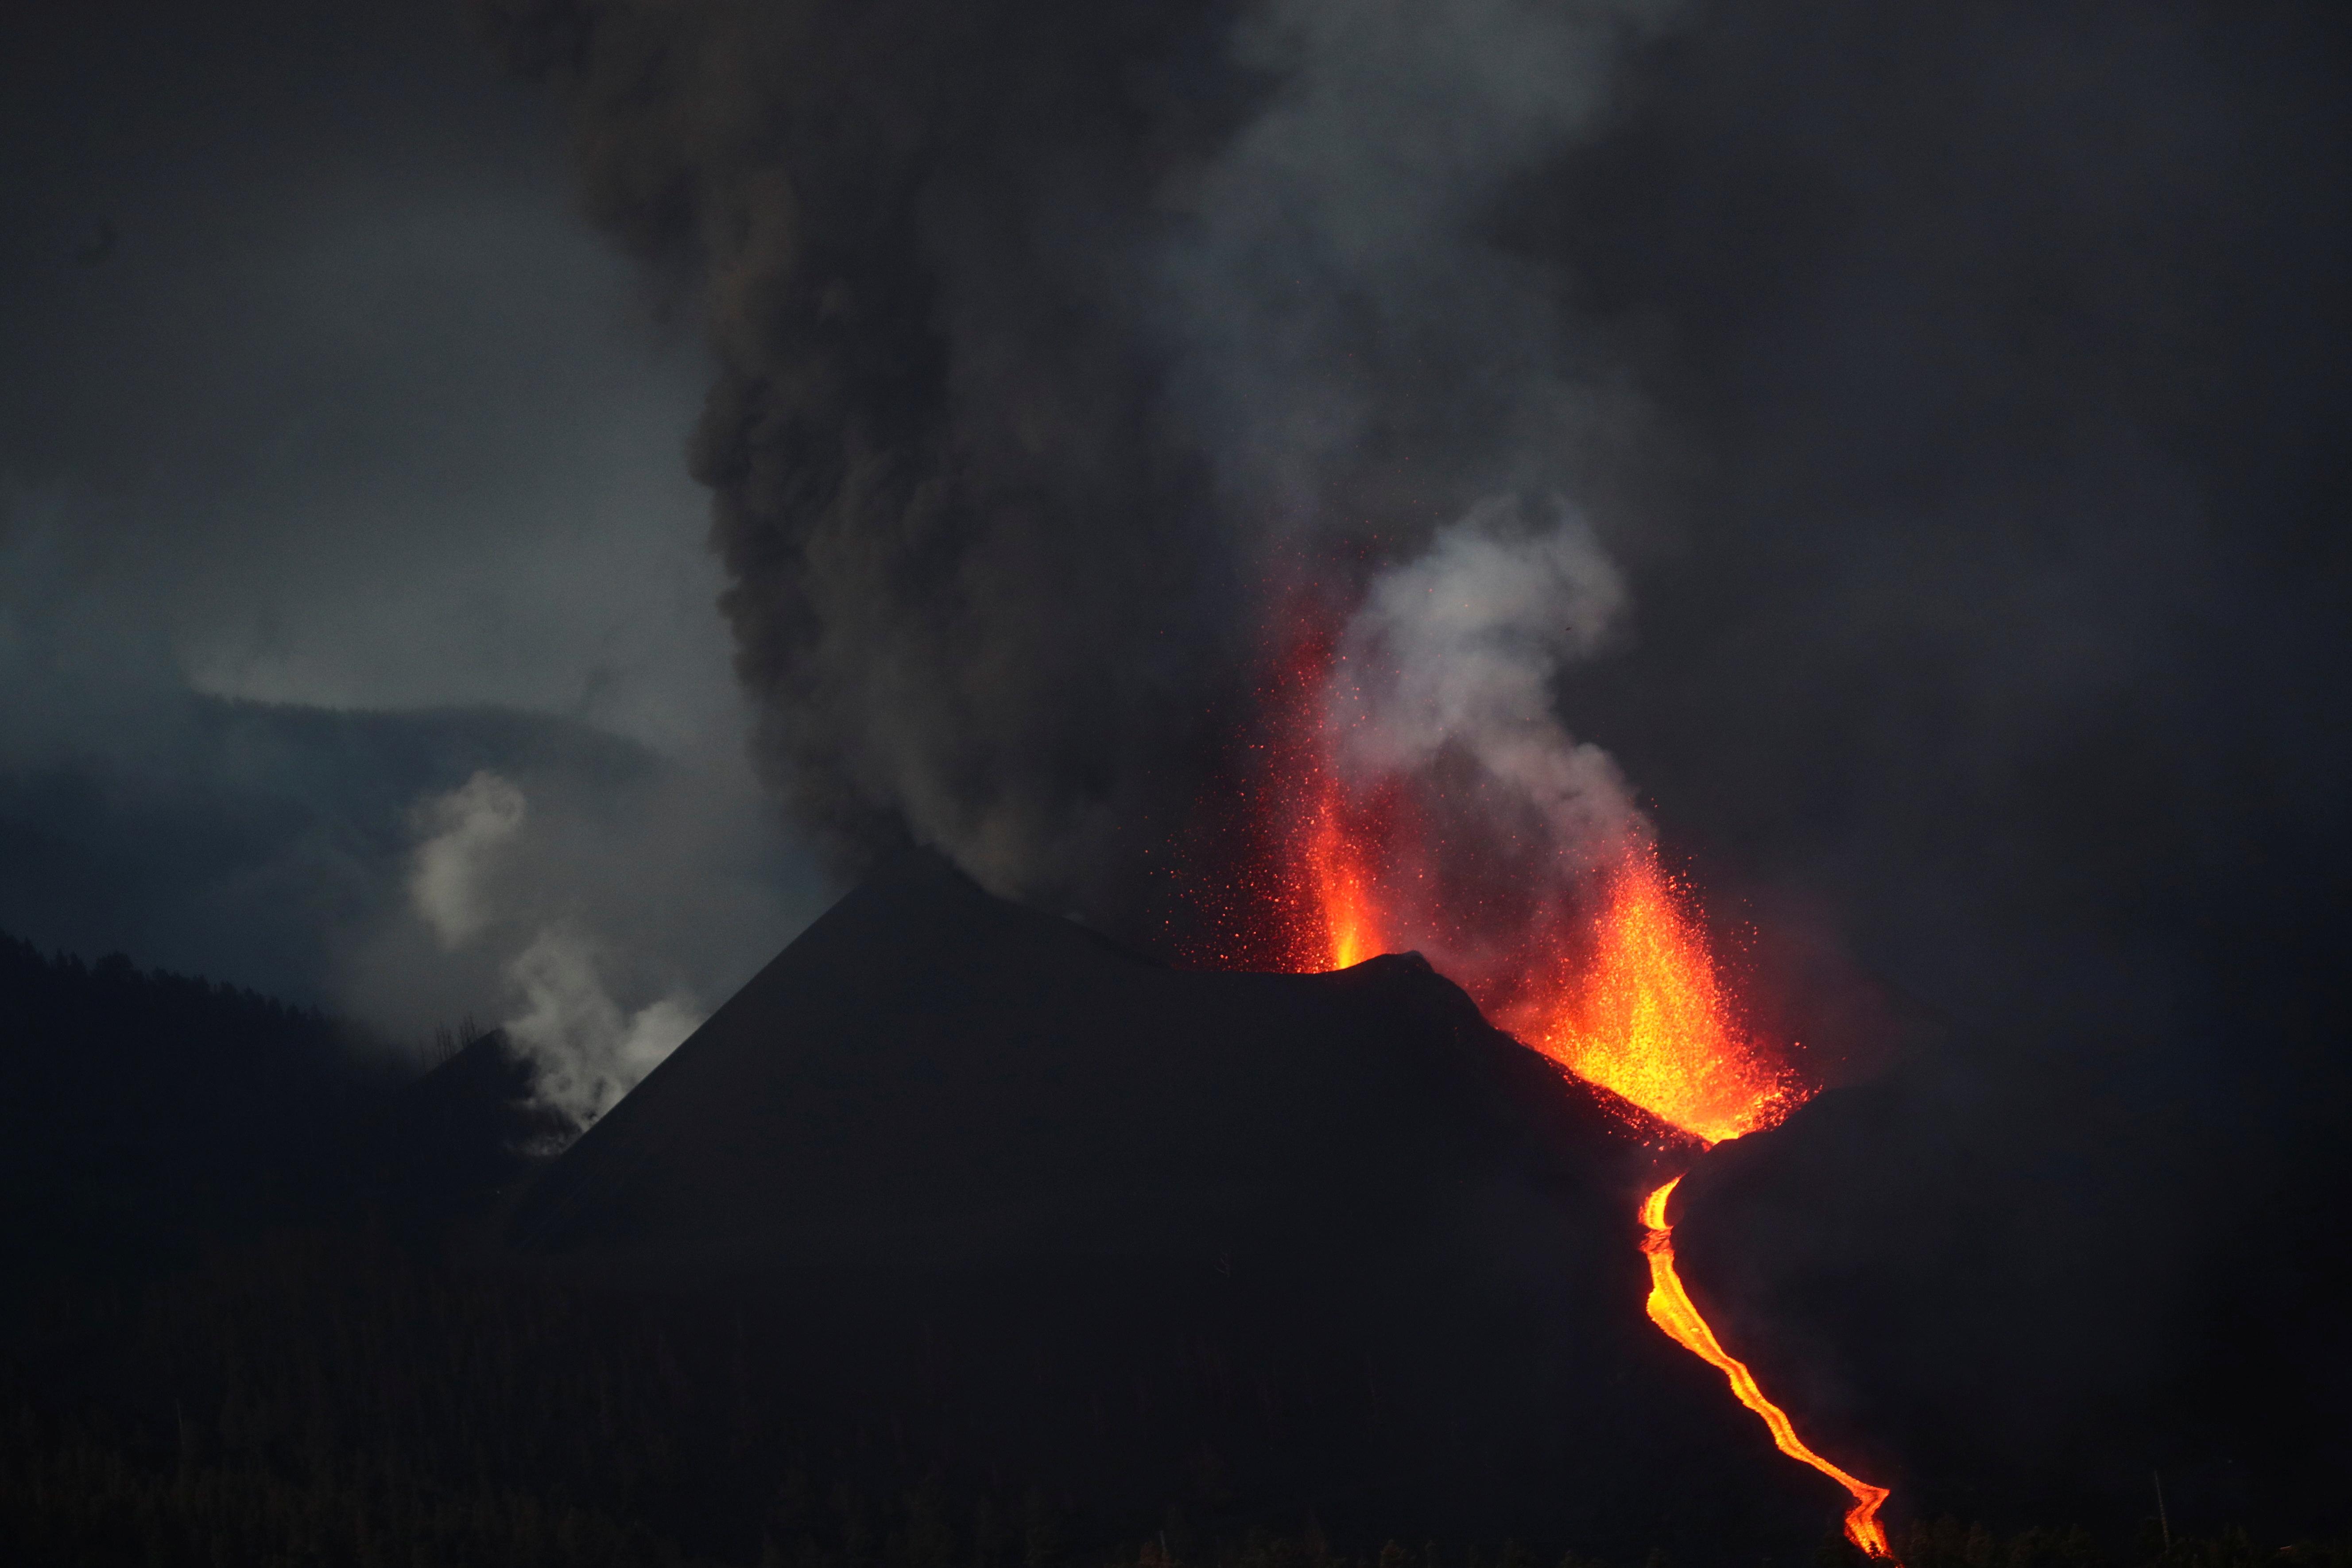 O vulcão Cumbre Vieja expele lava e fumaça enquanto continua a entrar em erupção nas ilhas Canárias de La Palma, visto de Tacande, Espanha, 12 de outubro de 2021. REUTERS / Sergio Perez